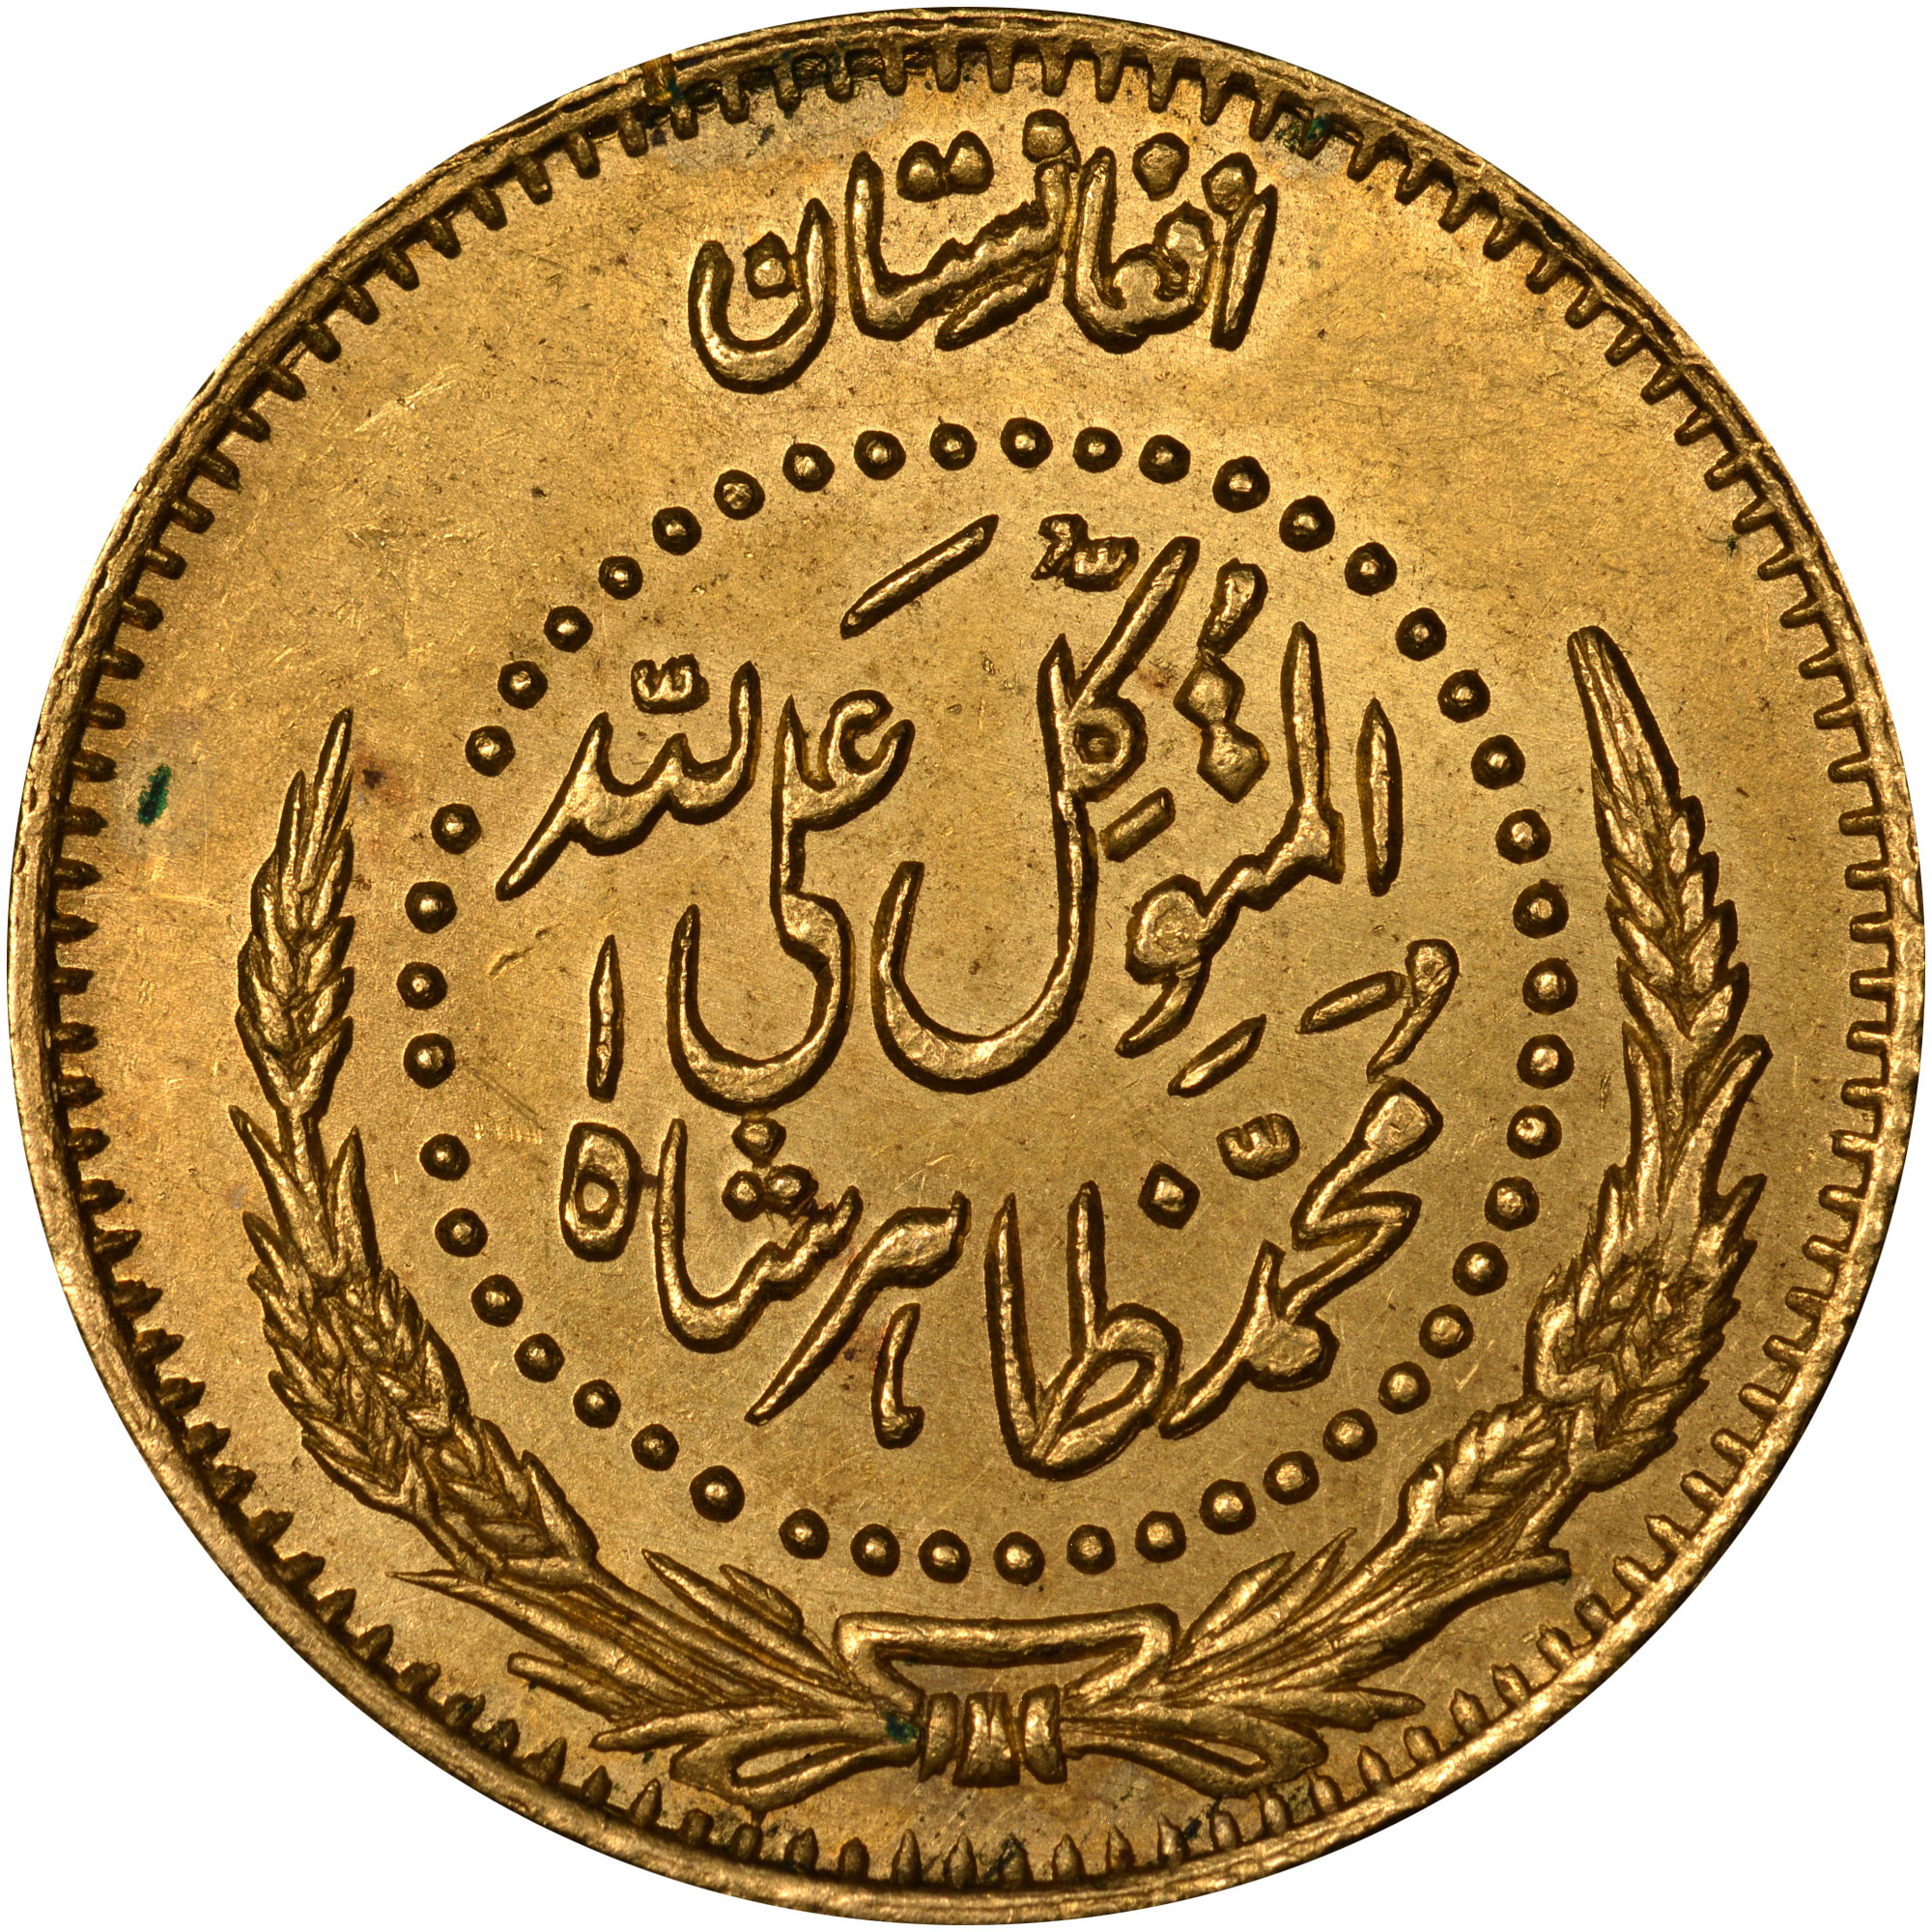 1314 (1935)-1317 (1938) Afghanistan 8 Grams obverse